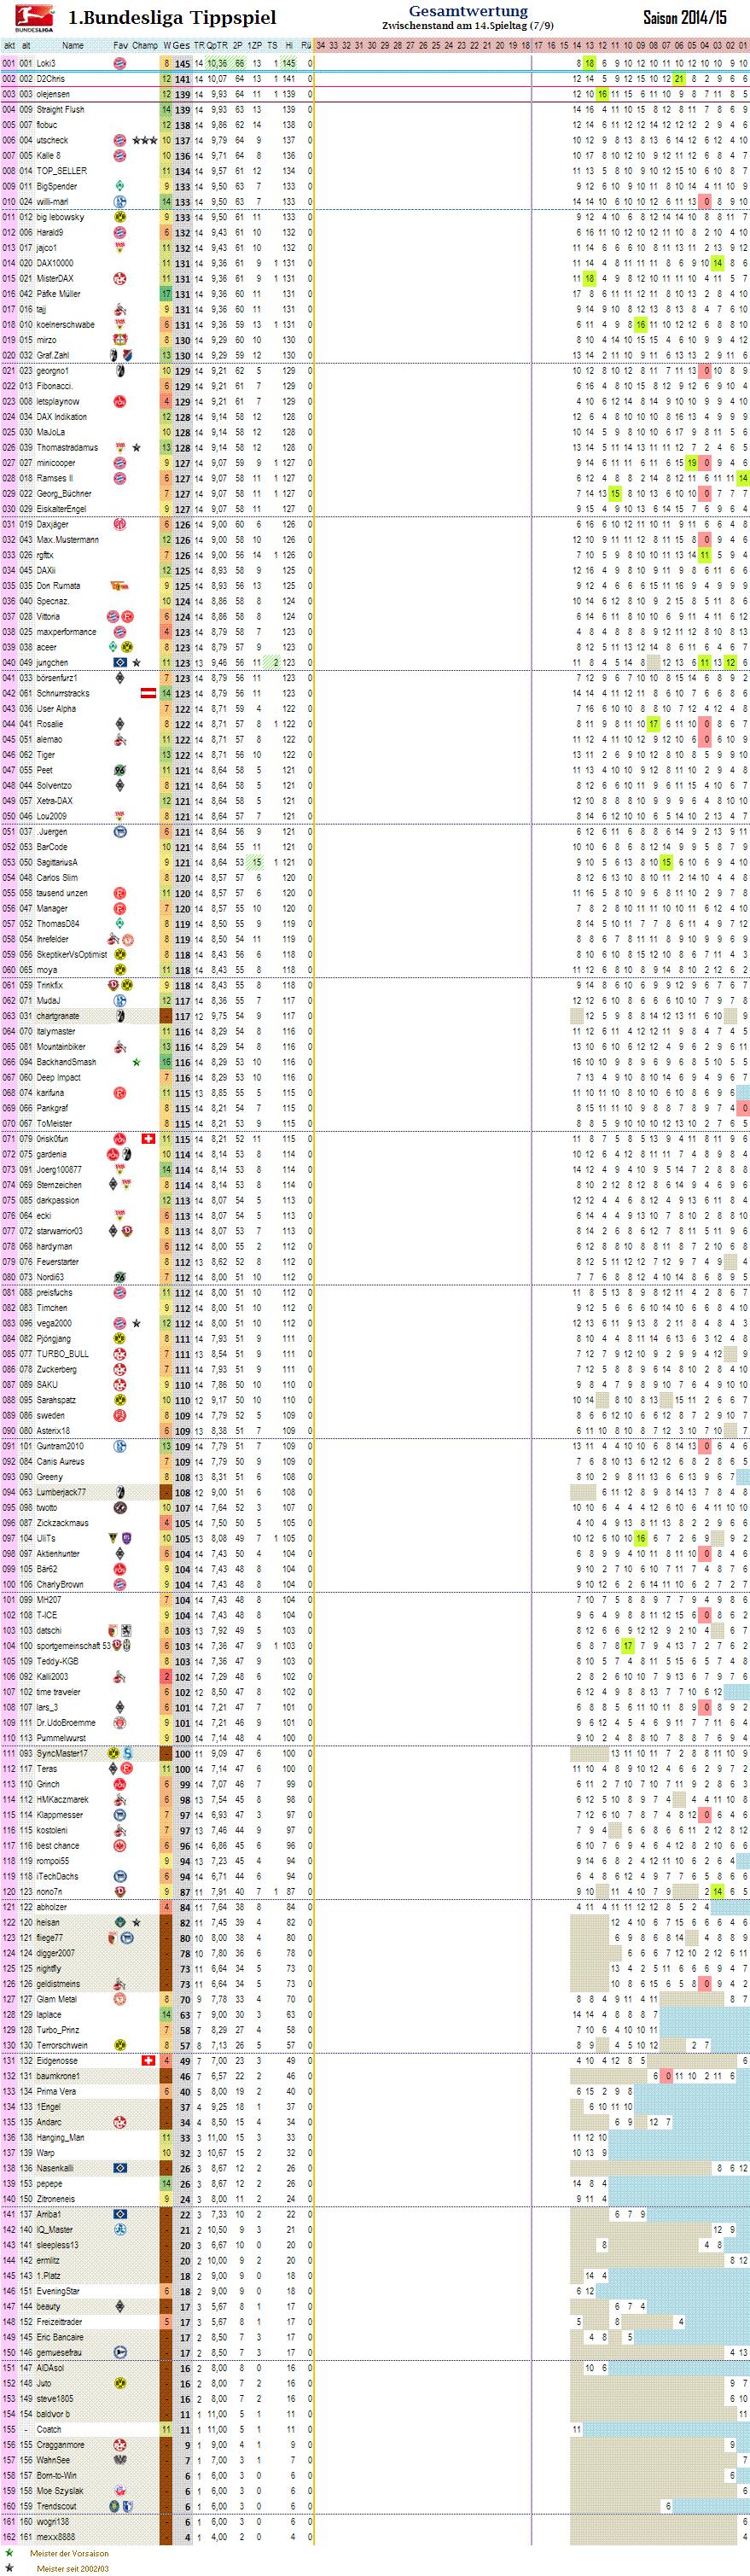 1bl_gesamtwertung_14.png